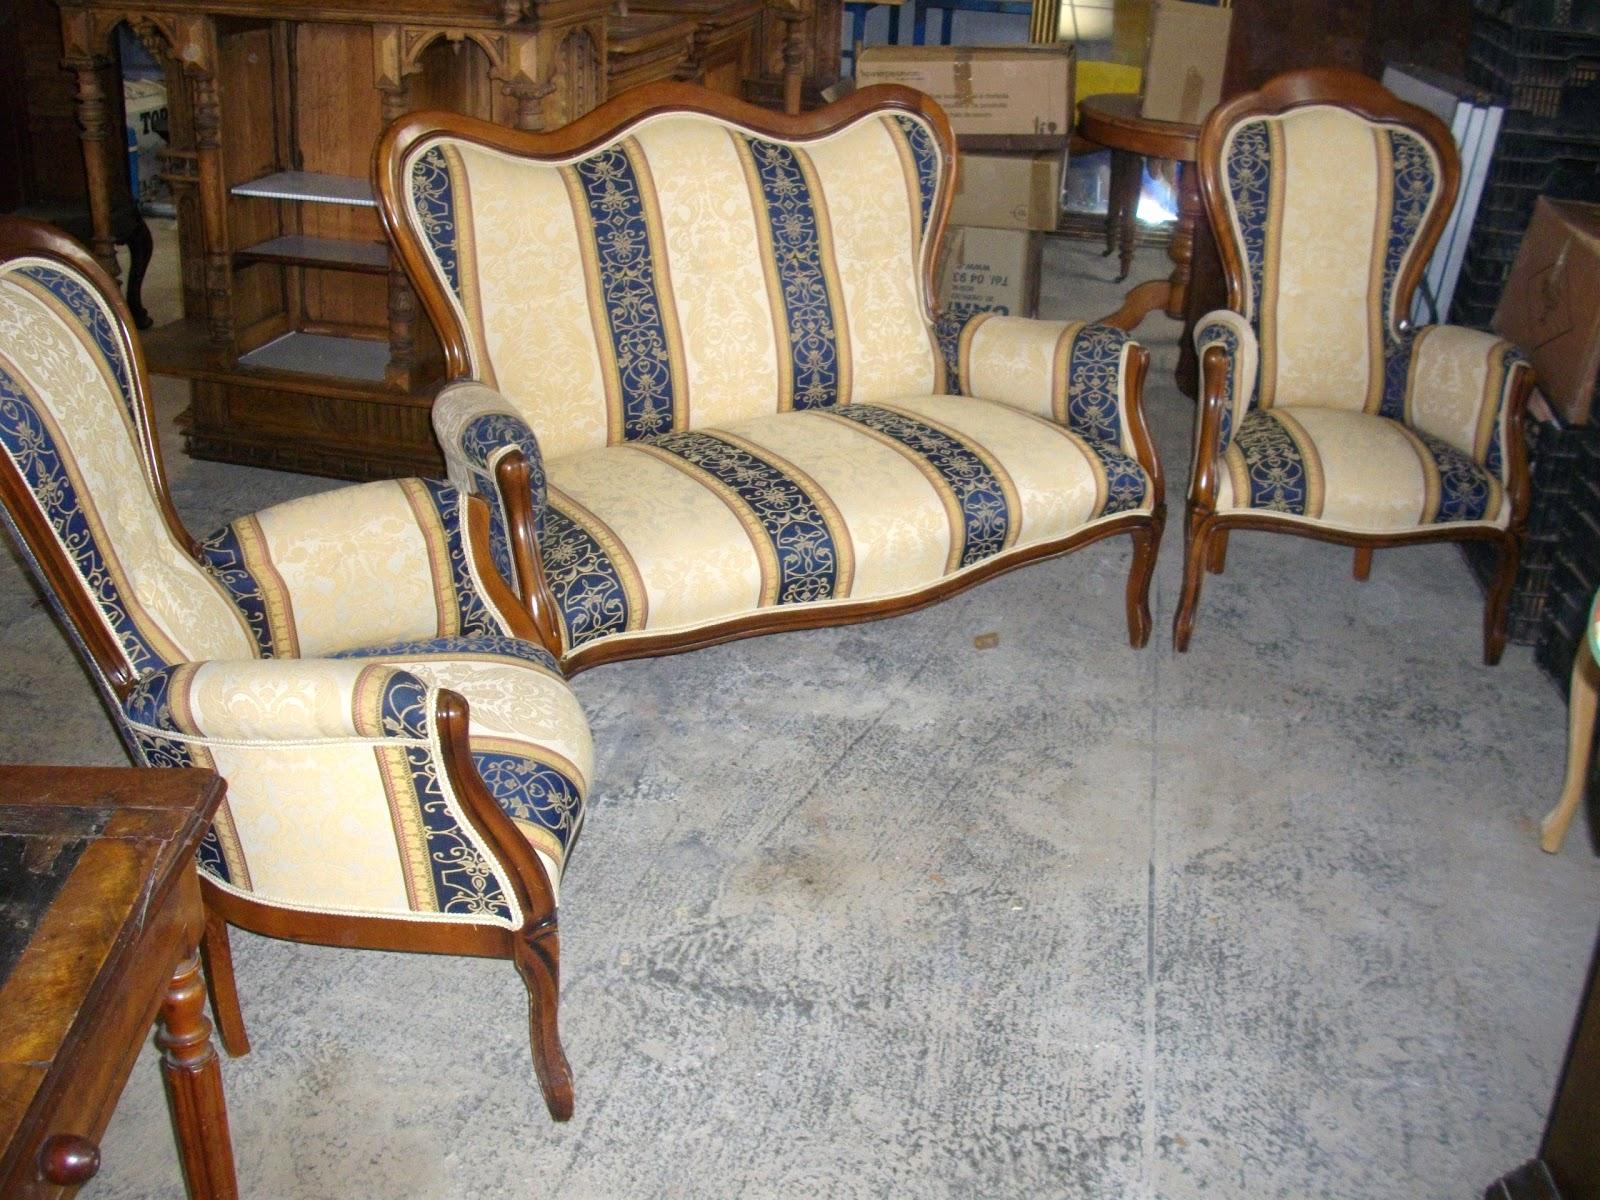 salon de style napol on canap 2 fauteuils meubles ancien salon de style napol on i. Black Bedroom Furniture Sets. Home Design Ideas